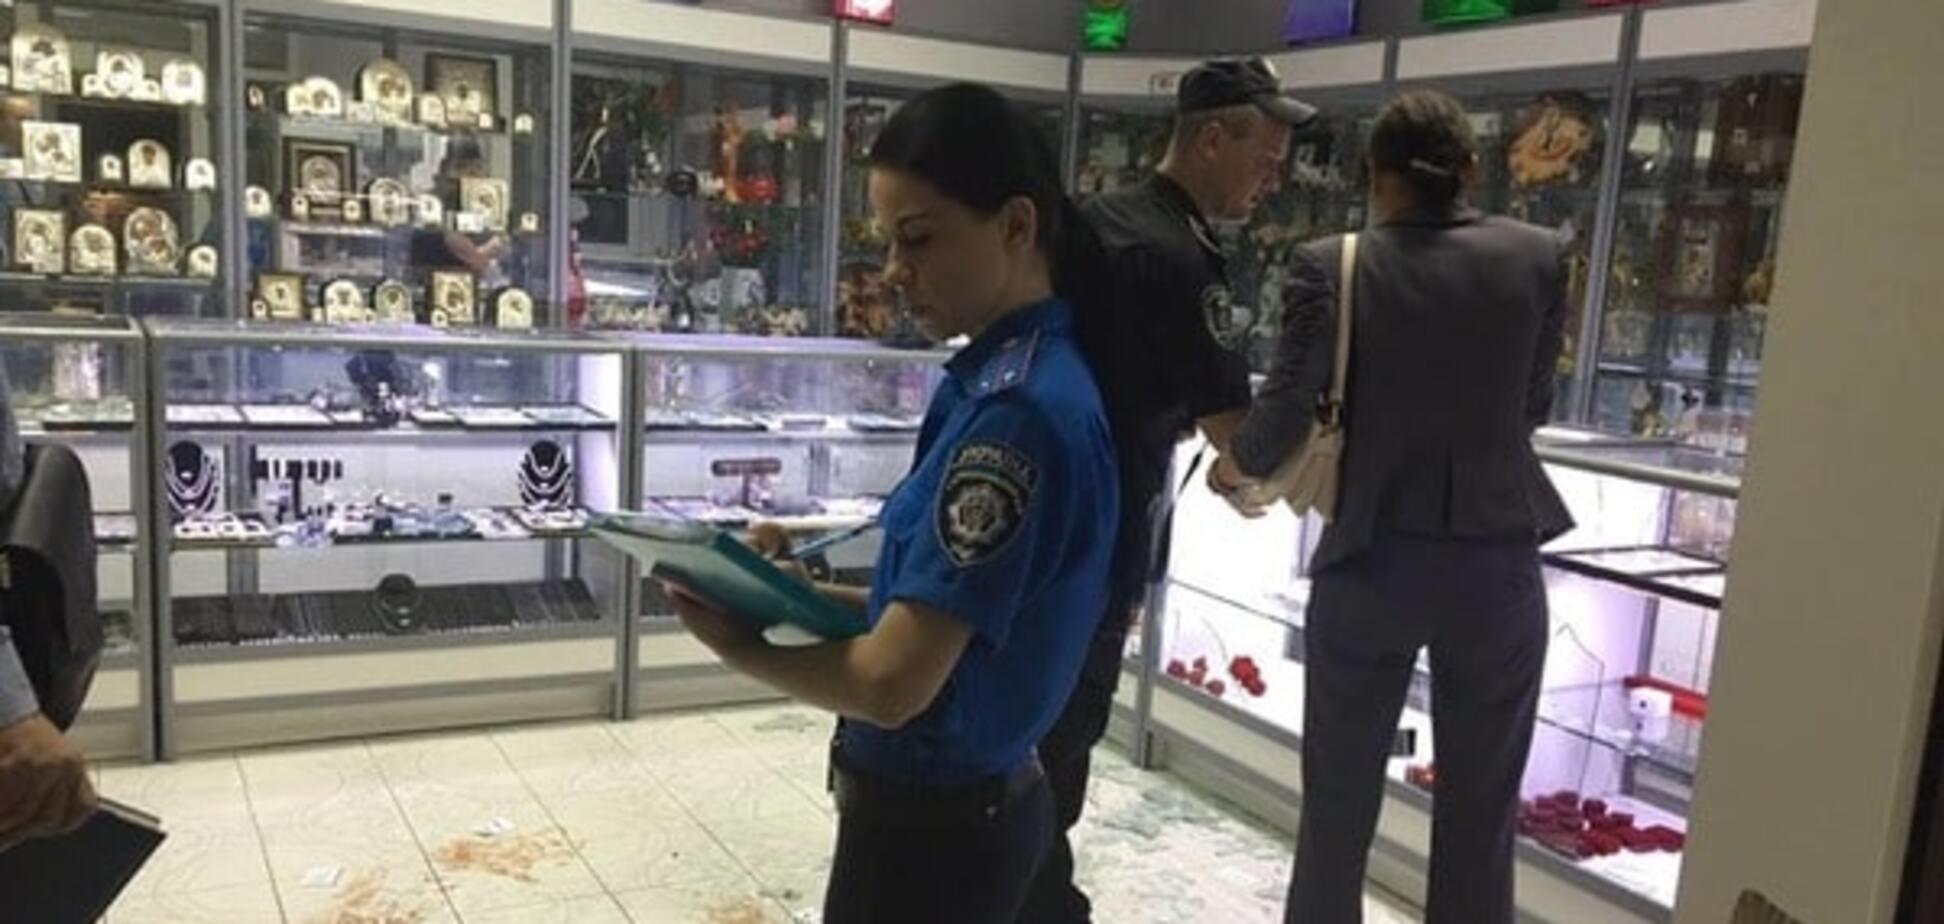 В Киеве произошло разбойное нападение со стрельбой на ювелирный магазин: опубликованы фото